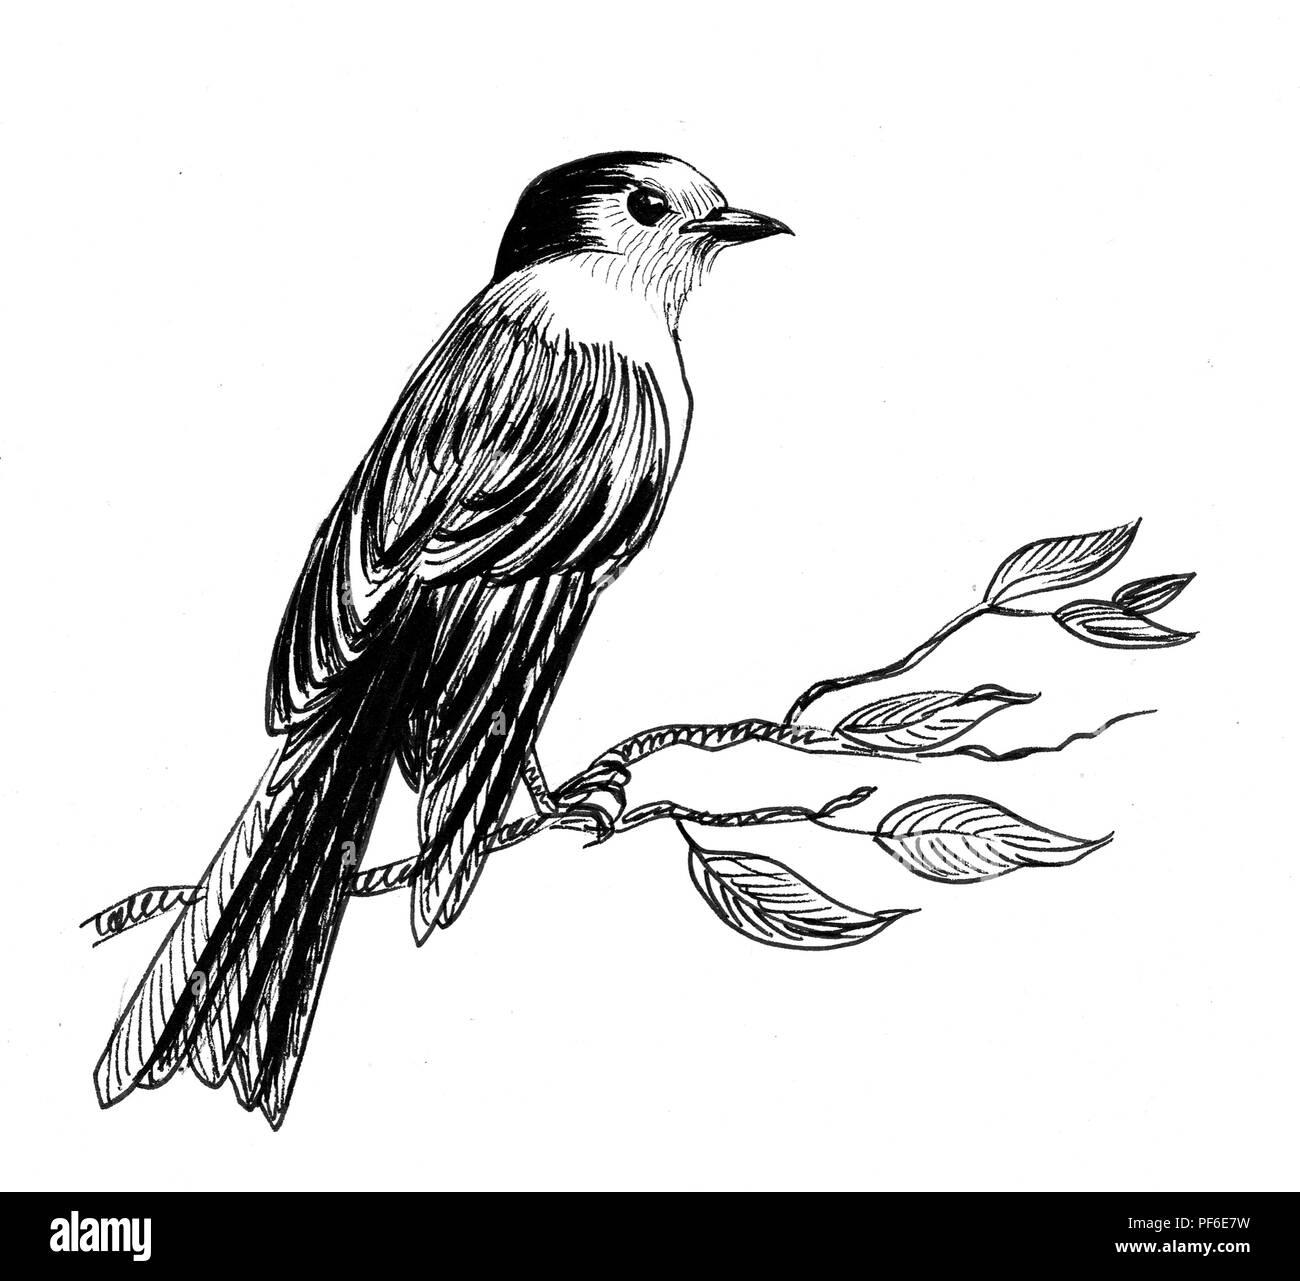 Dessin Noir Et Blanc Dencre Dun Oiseau Posé Sur Une